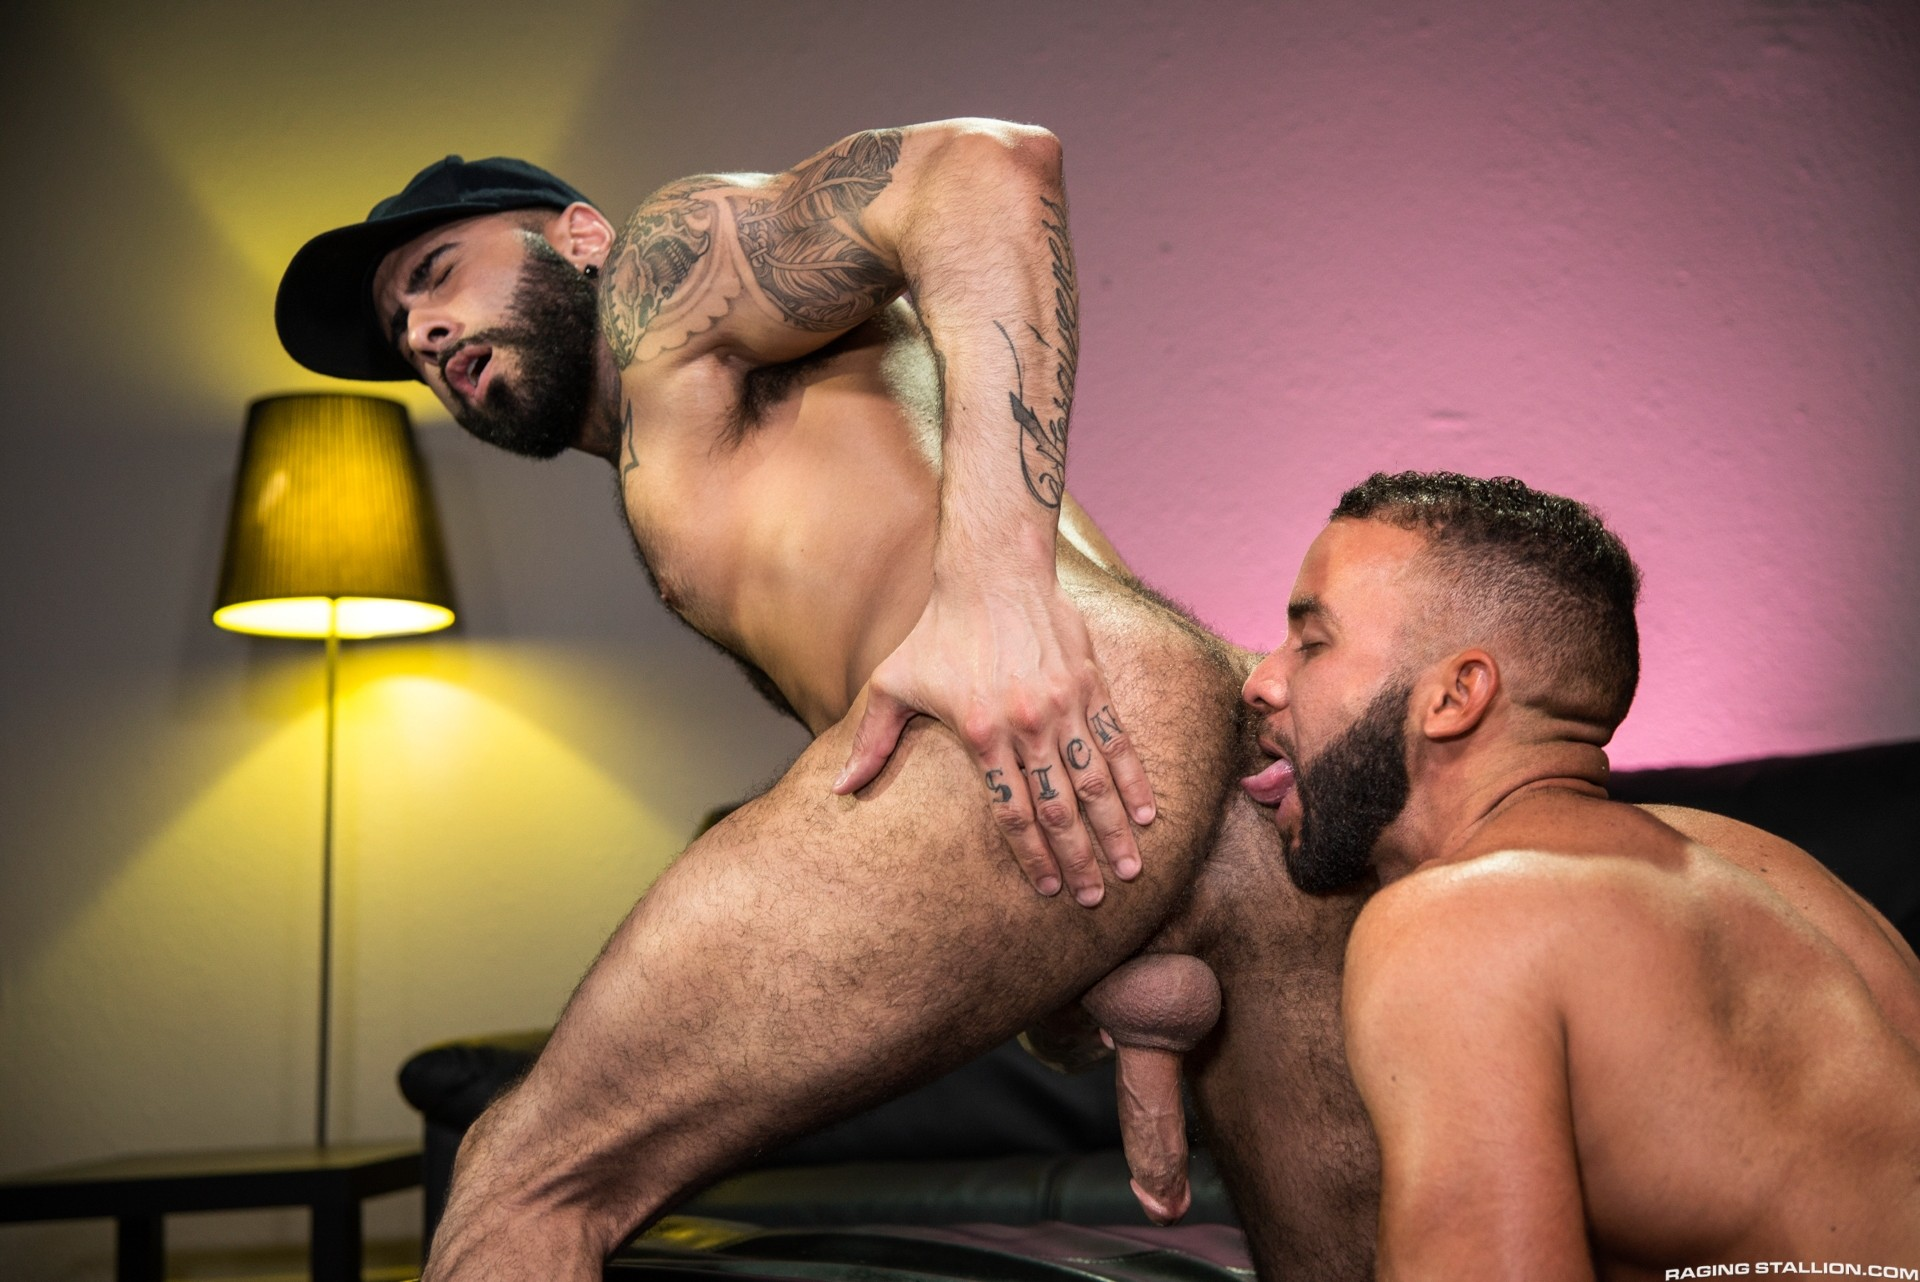 Fernando del Rio flip-fuck Rikk York gay hot daddy dude men porn Gaymers